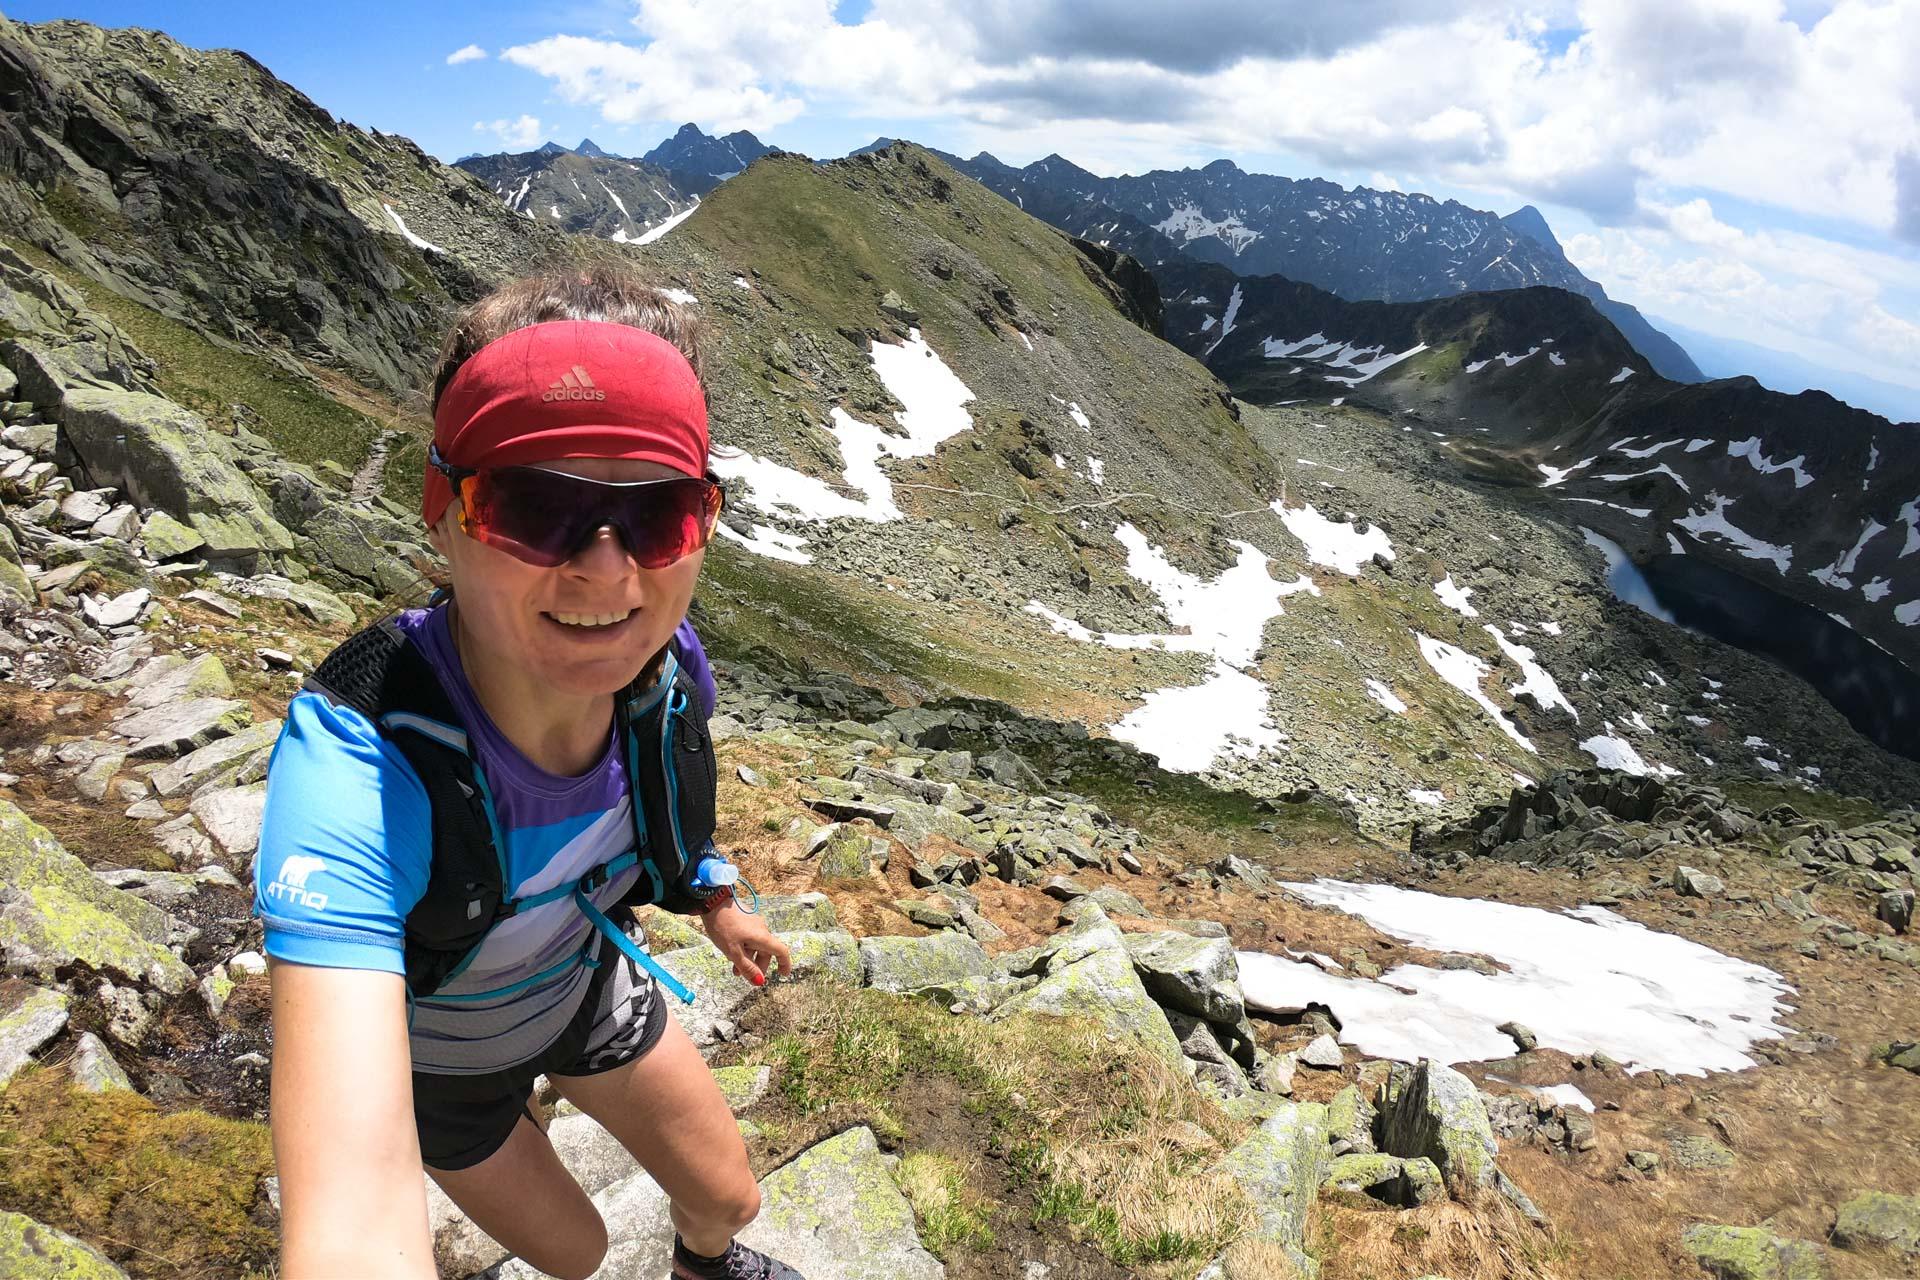 Dolina Pięciu Stawów Polskich, podejście na Zawrat, Tatry Wysokie, trasy biegowe w Tatrach